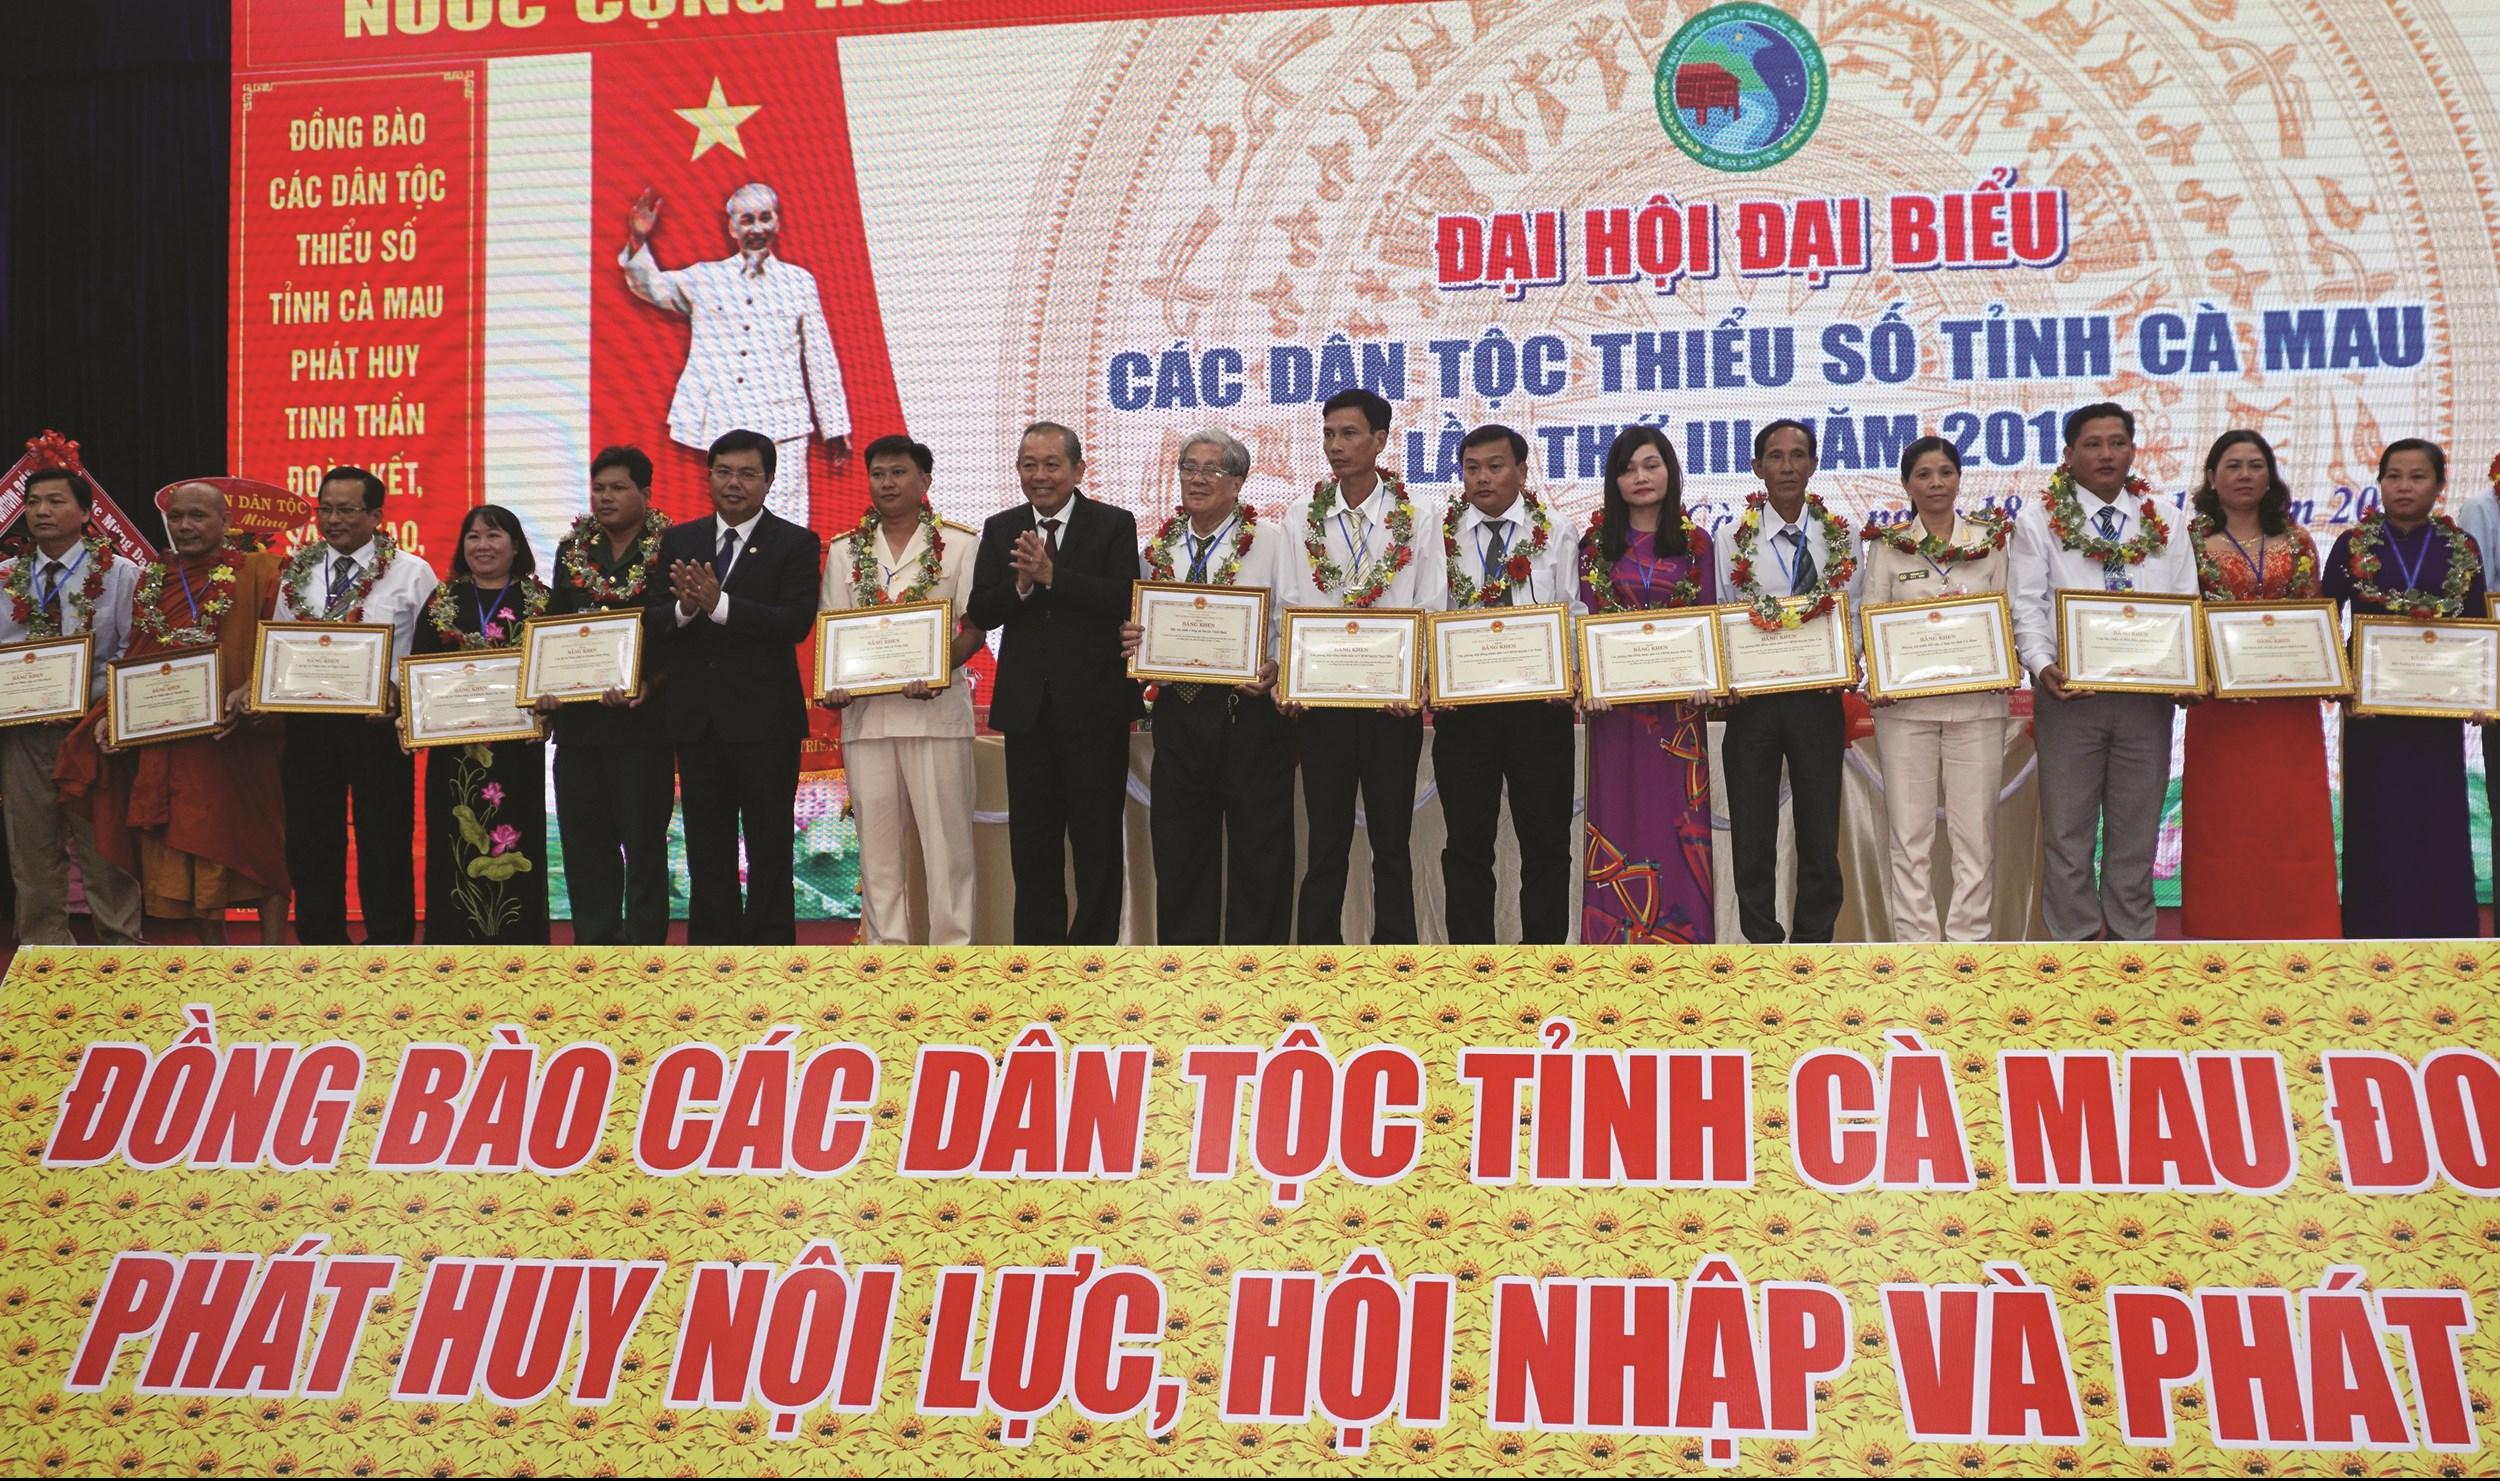 Phó Thủ tướng Thường trực Chính phủ Trương Hoà Bình cùng Chủ tịch UBND tỉnh Cà Mau Nguyễn Tiến Hải trao Bằng khen cho các đại biểu.